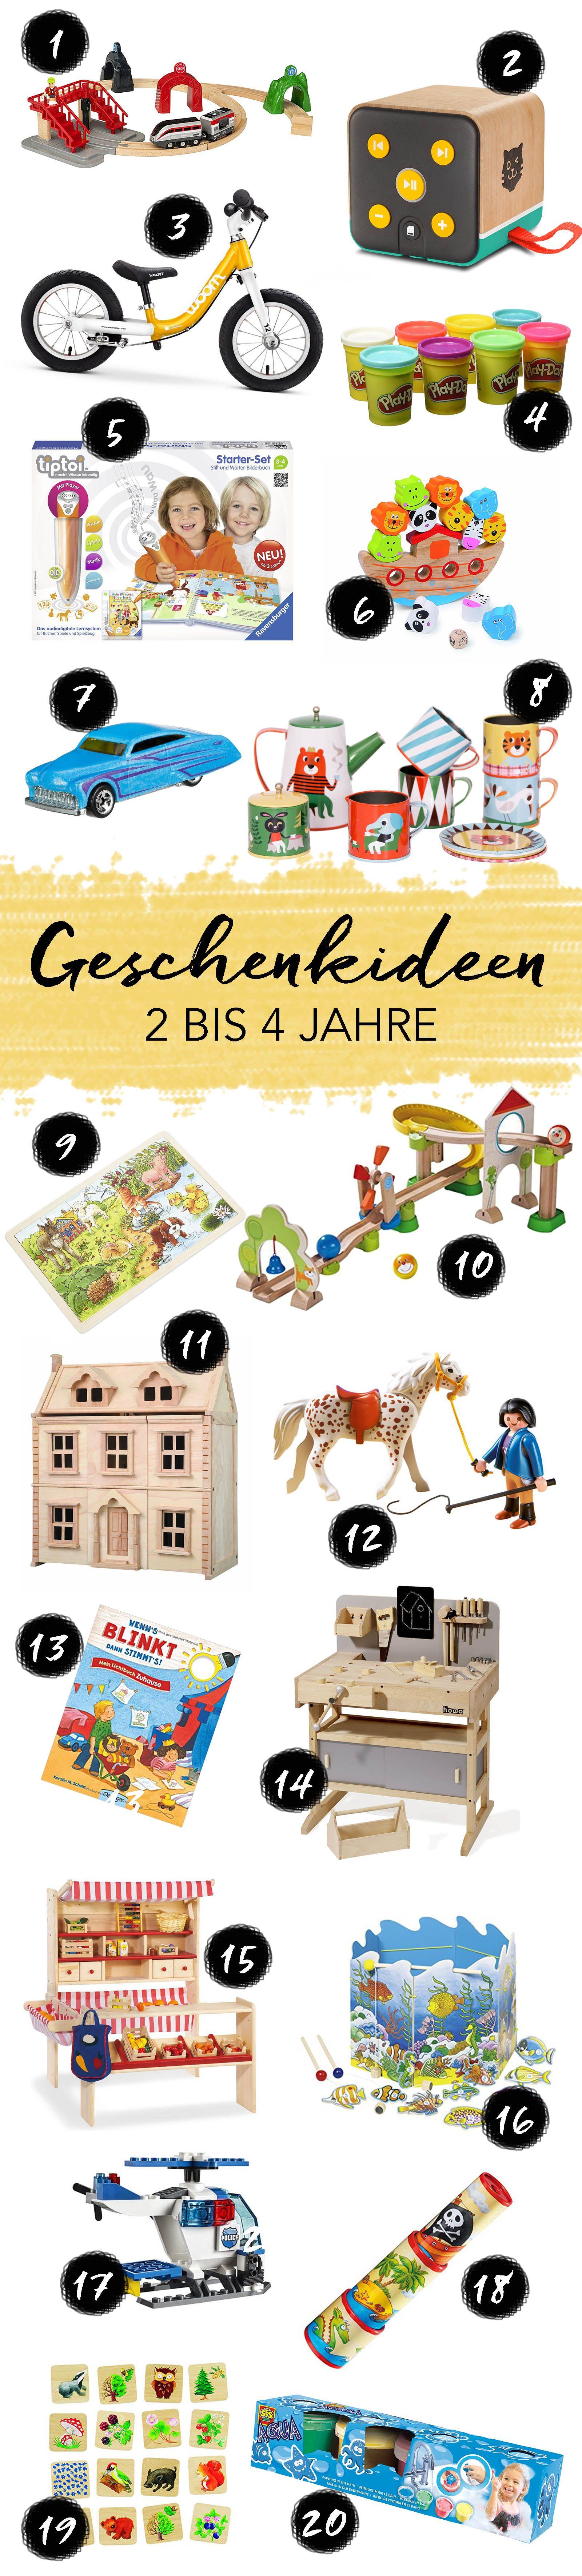 Geschenkideen Für Kinder Im Alter Von 2 Bis 3 Jahren